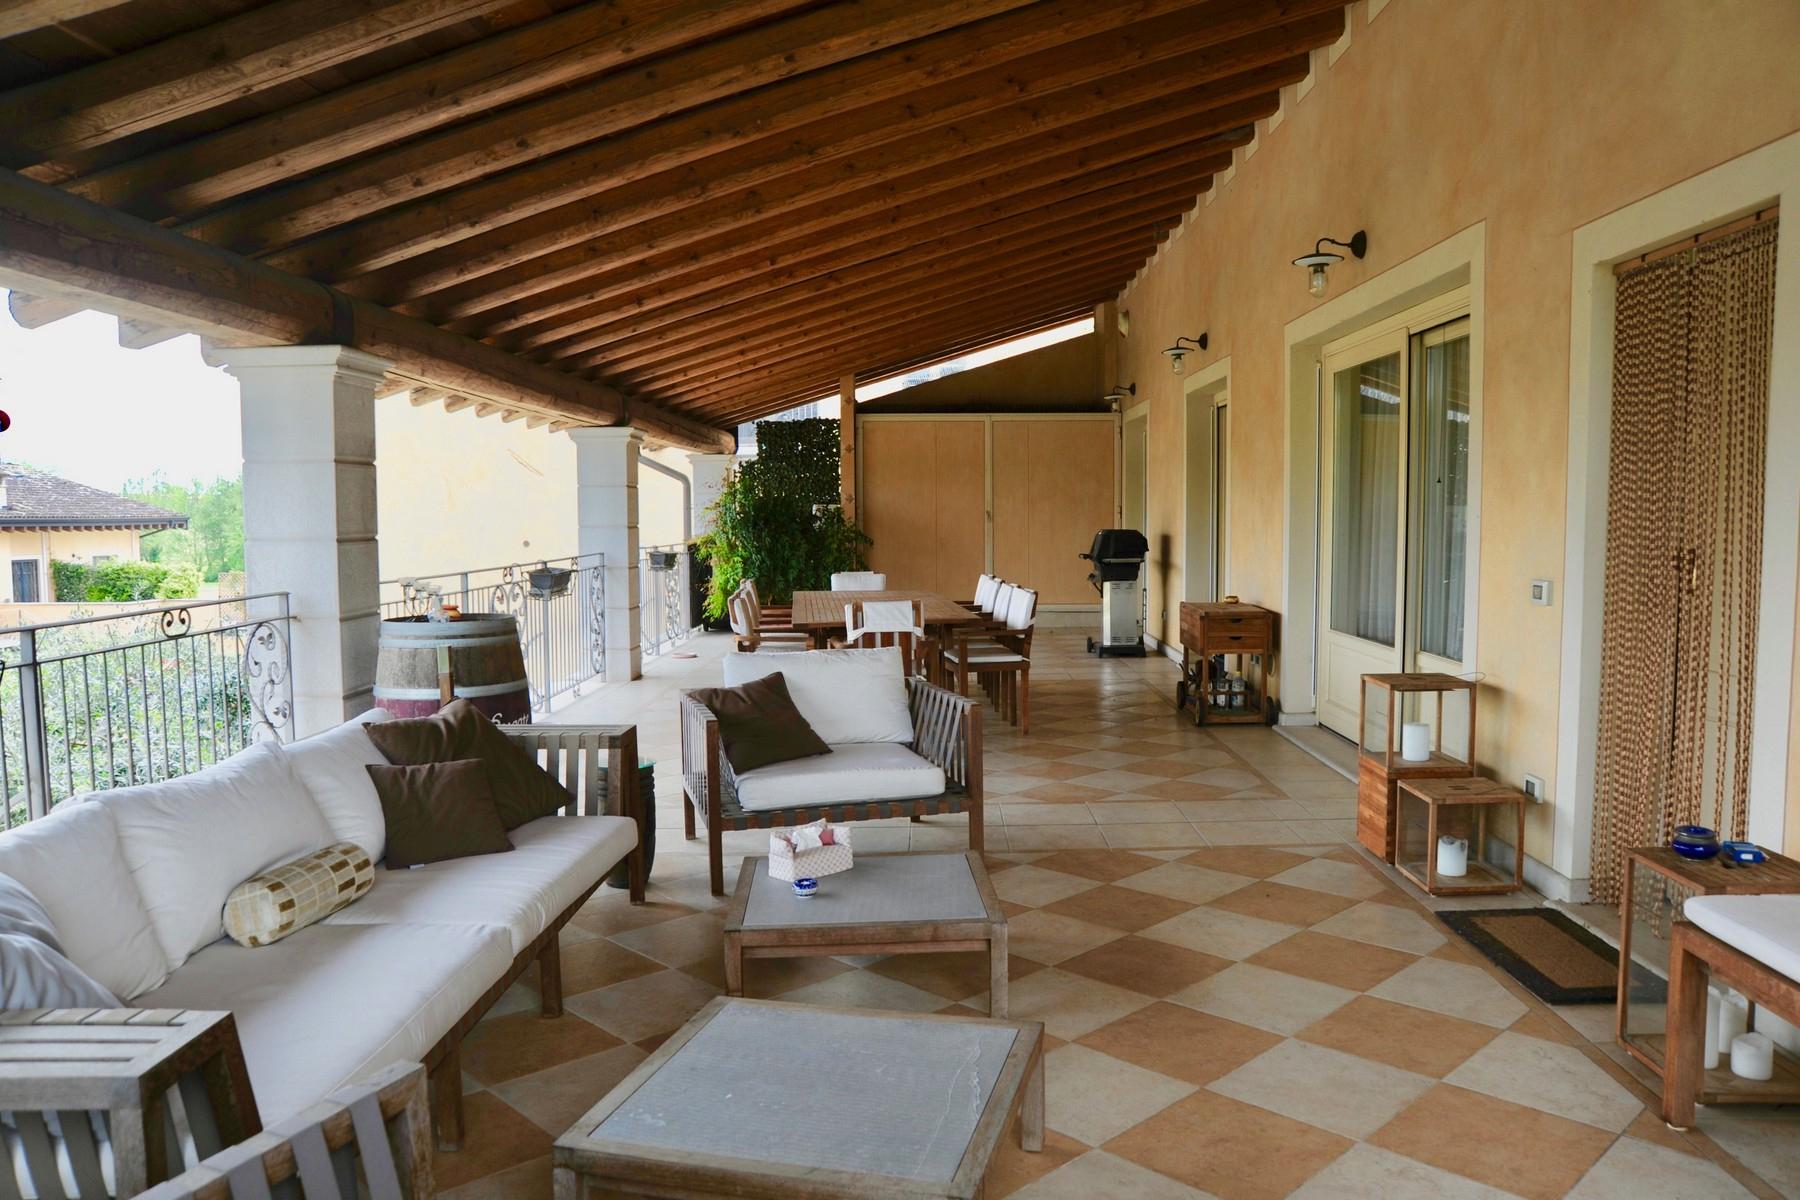 Casa indipendente in Vendita a Desenzano Del Garda: 5 locali, 300 mq - Foto 6